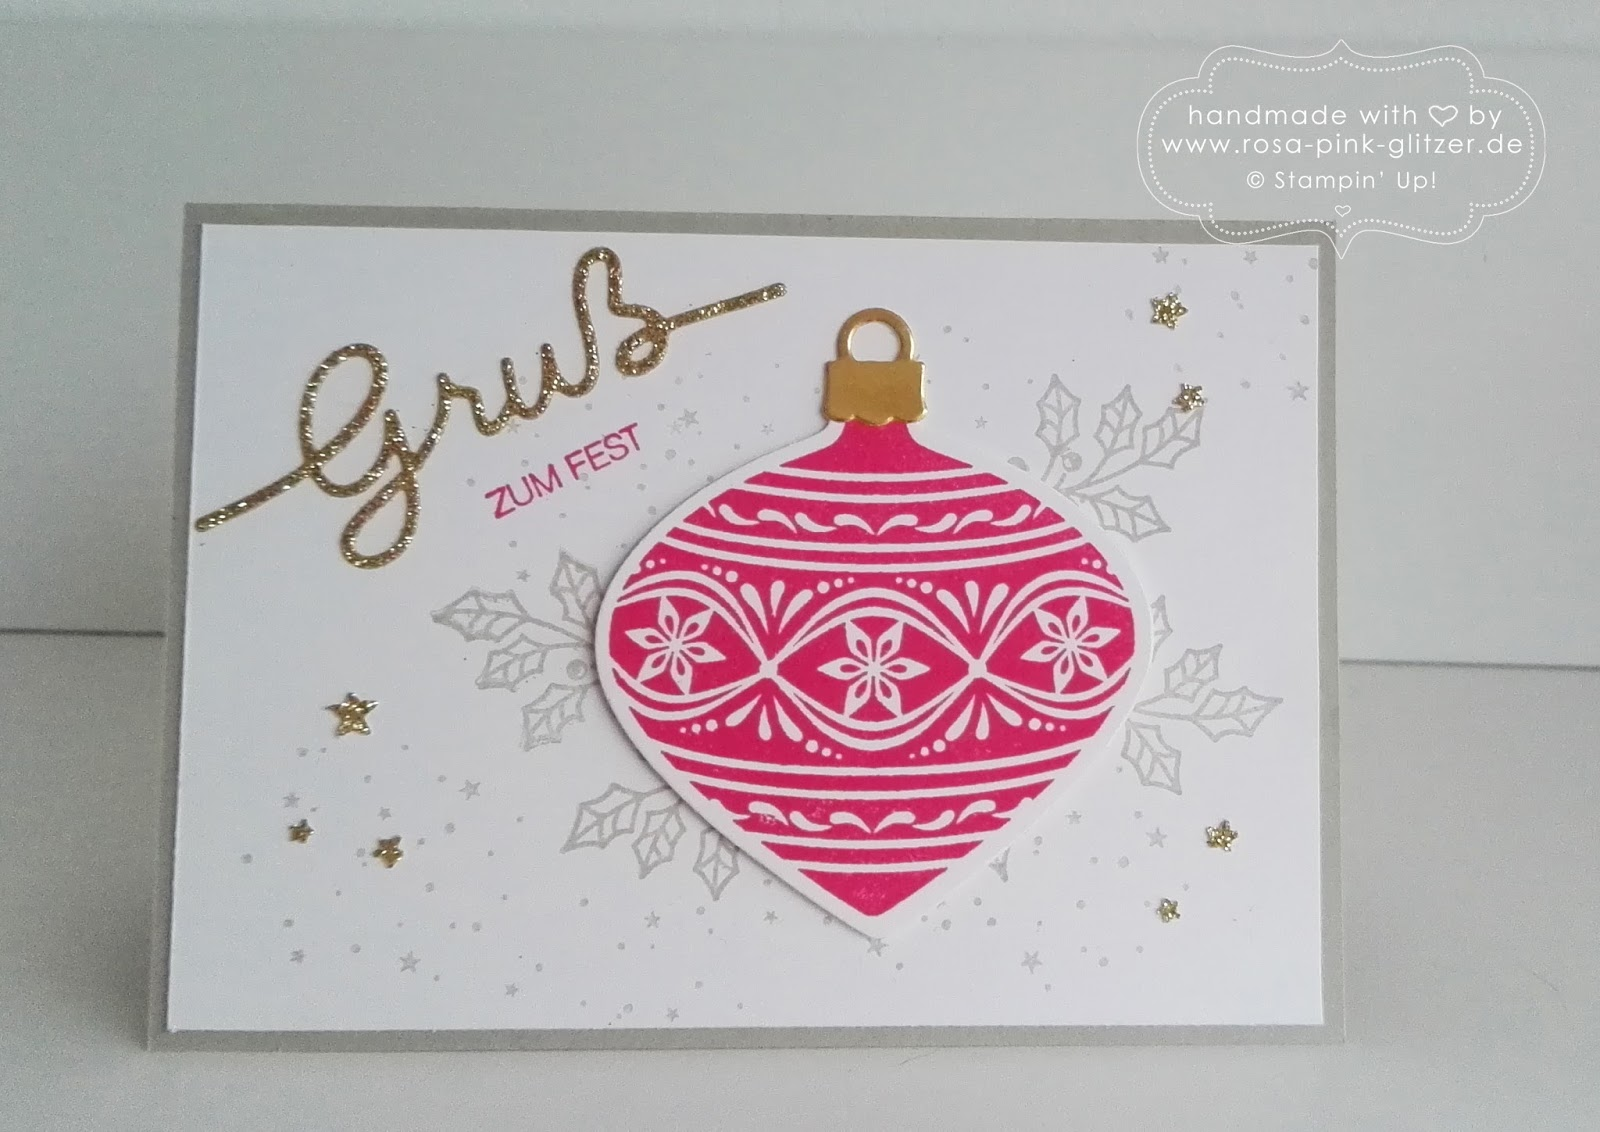 last minute weihnachtskarten workshop mit stampin up in landshut rosa pink alles was glitzert. Black Bedroom Furniture Sets. Home Design Ideas